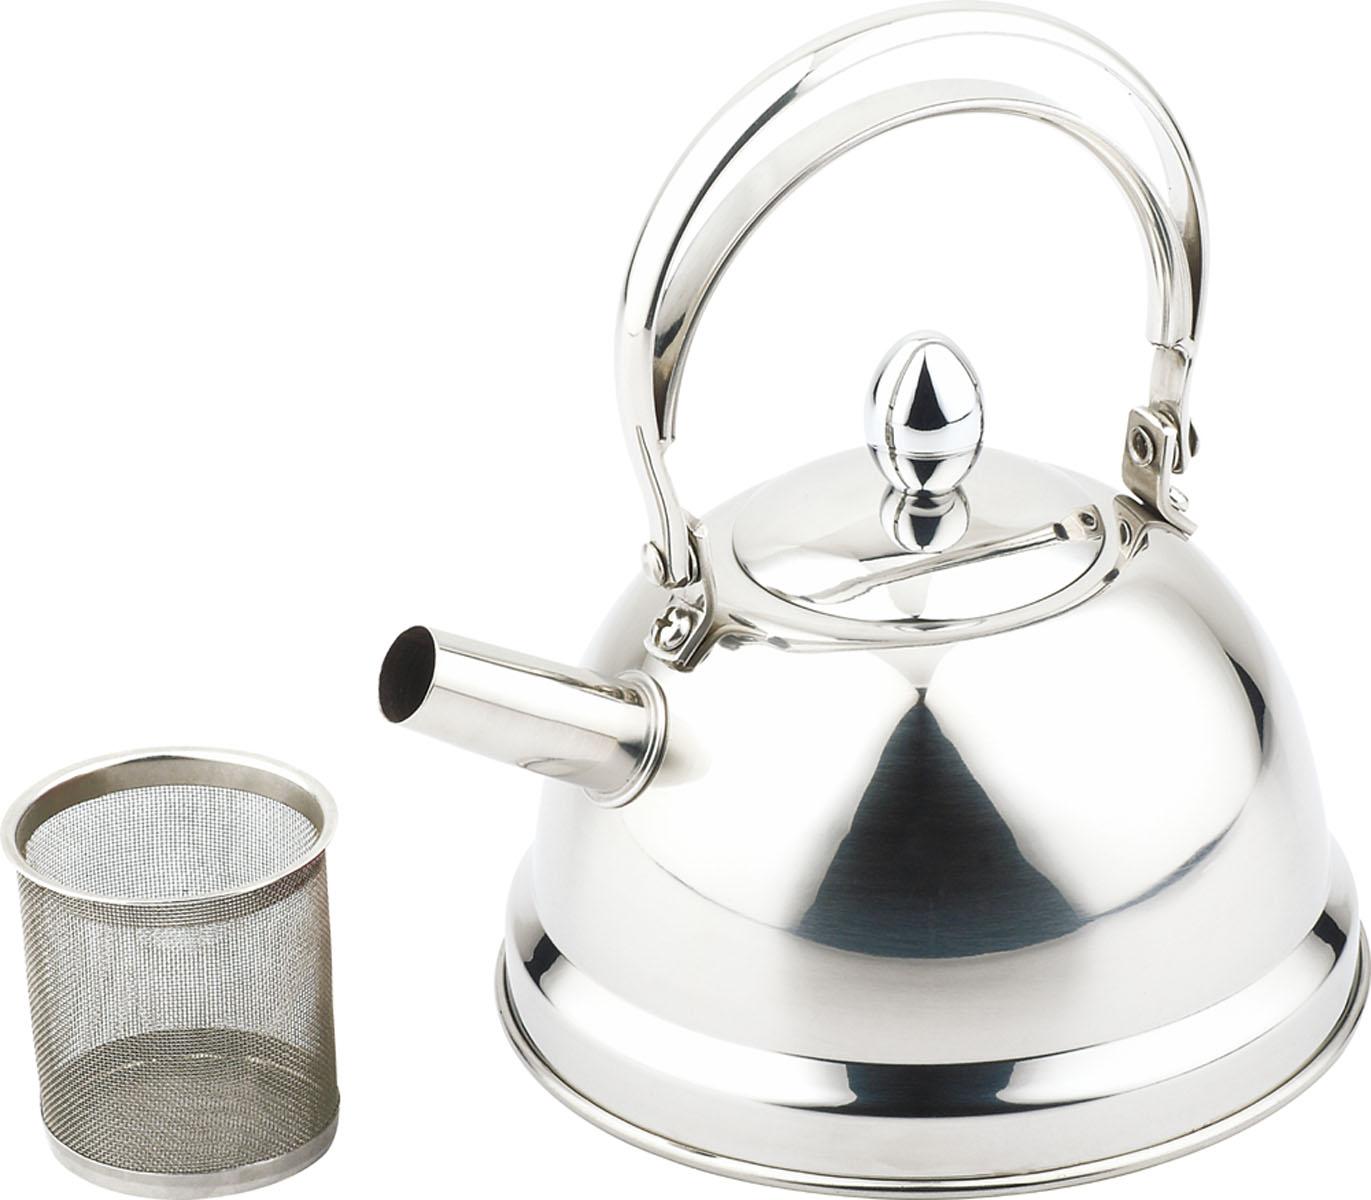 Чайник Bekker De Luxe, с ситечком, 0,8 л. BK-S441BK-S441Чайник Bekker De Luxe выполнен из высококачественной нержавеющей стали, что обеспечивает долговечность использования. Внешнее зеркальное покрытие придает приятный внешний вид. Капсулированное дно распределяет тепло по всей поверхности, что позволяет чайнику быстро закипать. Эргономичная подвижная ручка выполнена из нержавеющей стали. Чайник снабжен ситечком для заваривания. Можно мыть в посудомоечной машине. Пригоден для всех видов плит, включая индукционные.